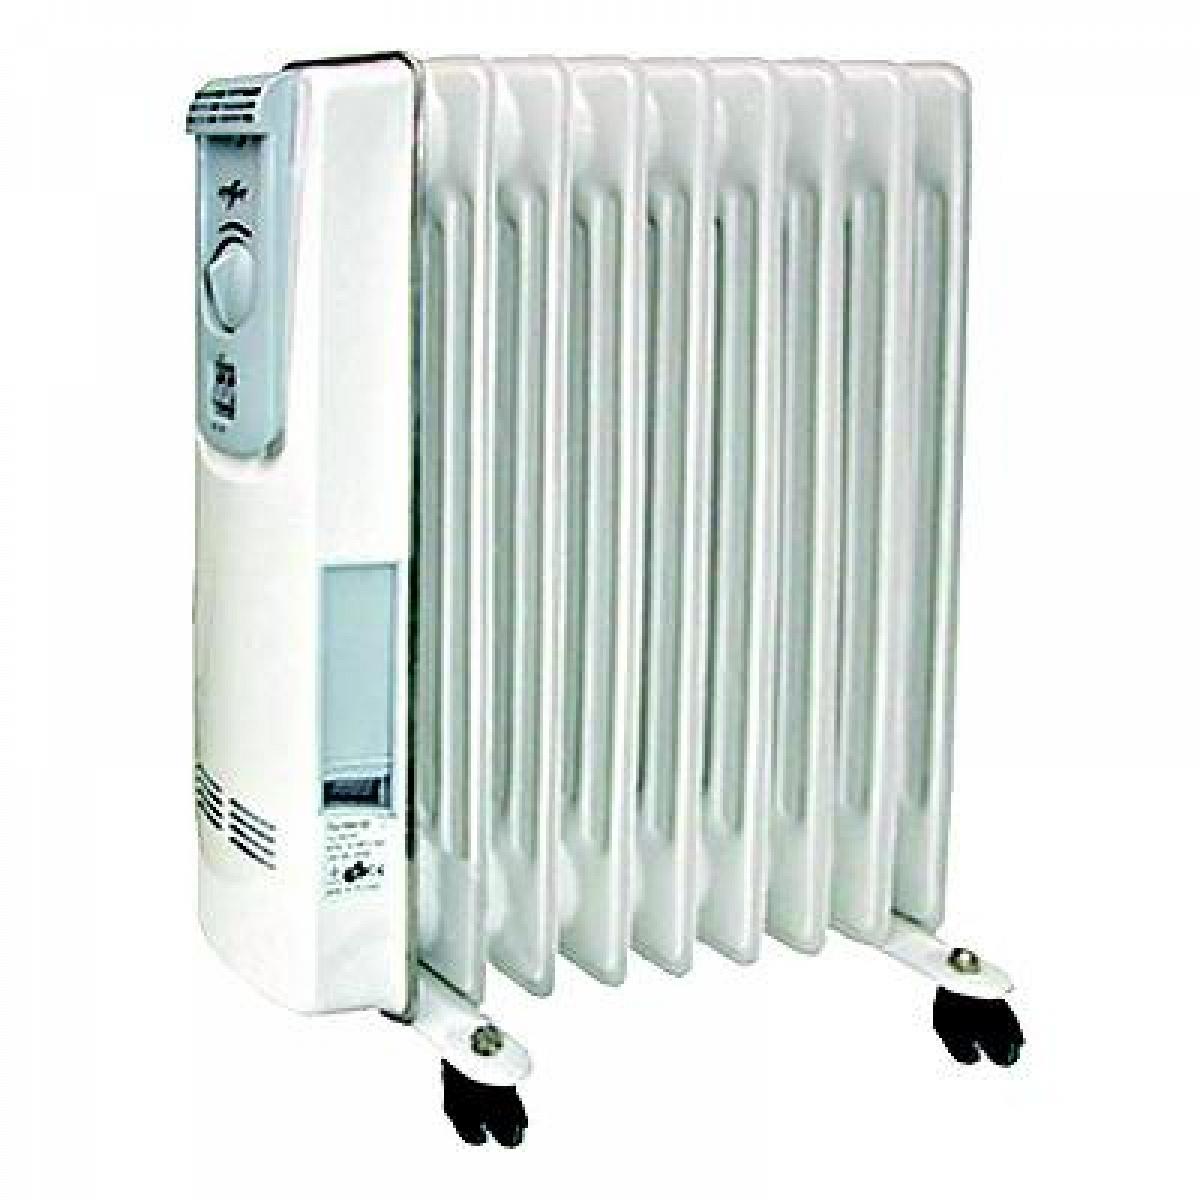 Stufa termoradiatore ad olio 9 elementi verdegarden - Stufe a olio elettriche ...